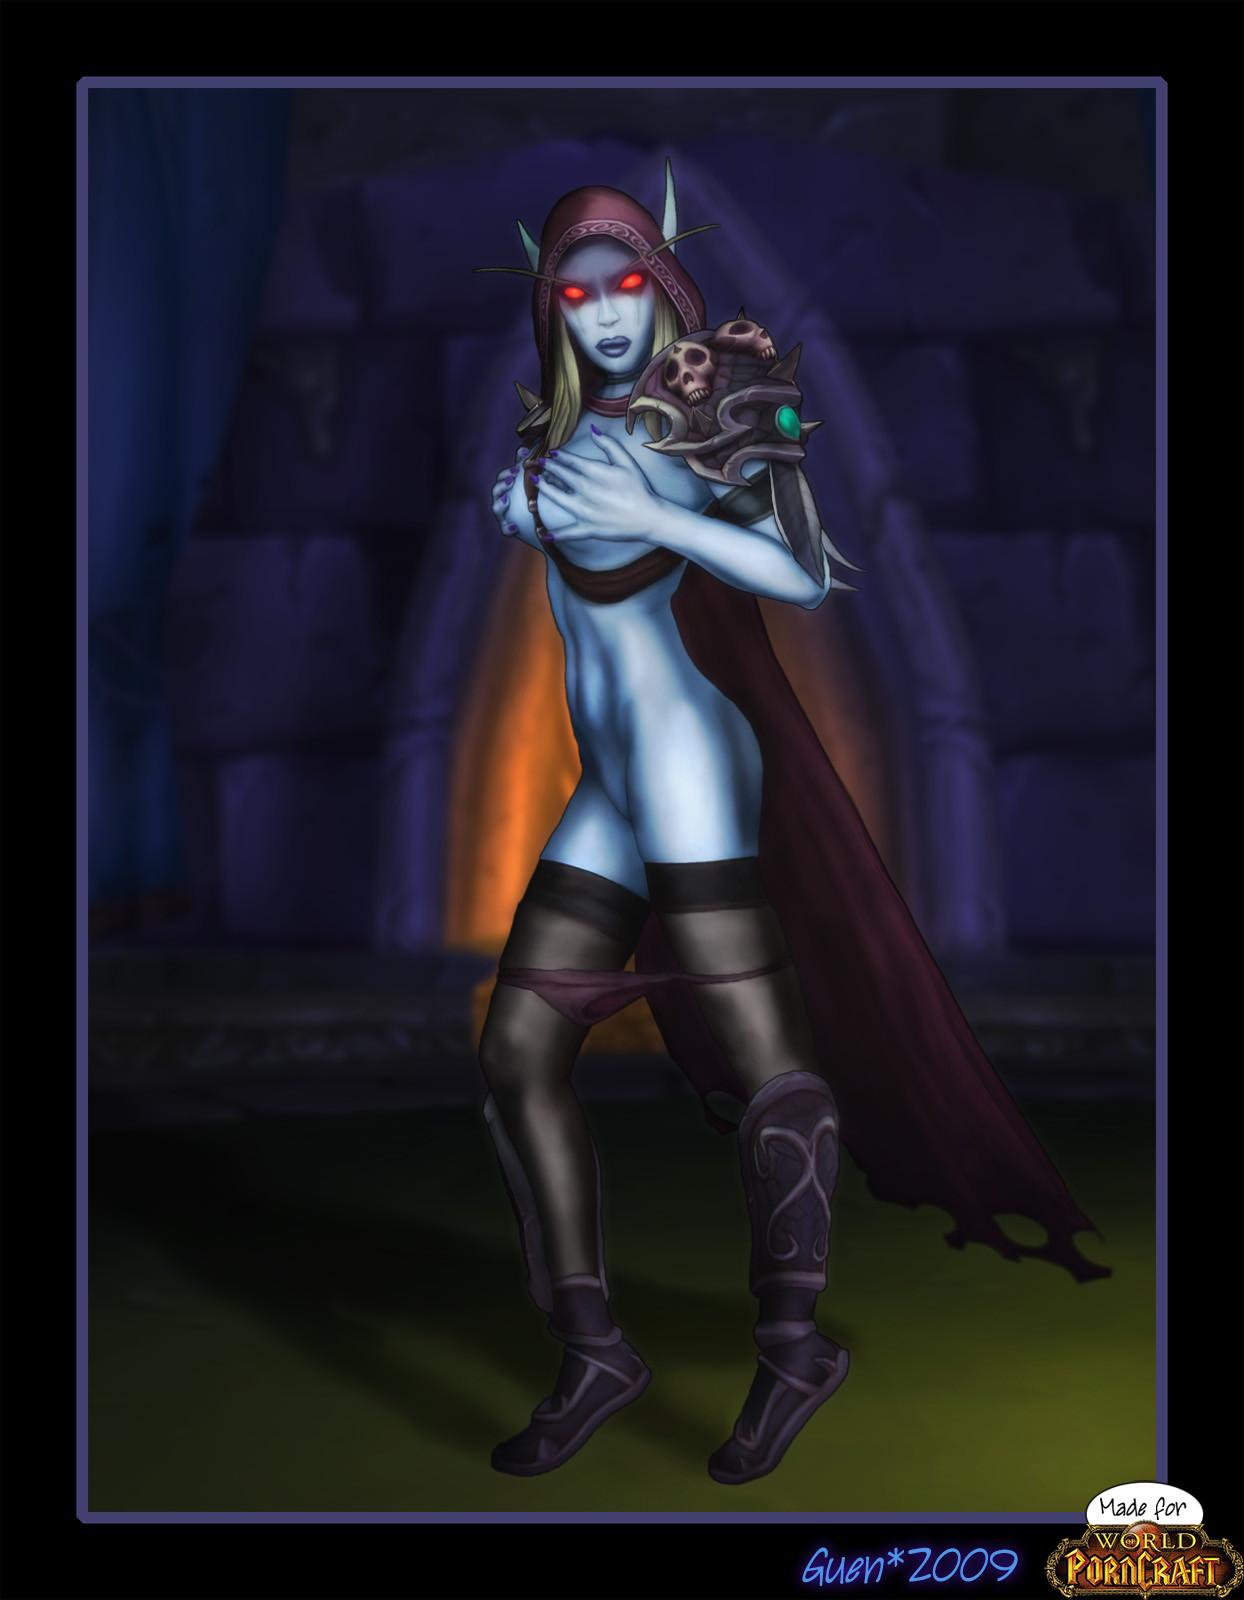 Warcraft 3 frozen throne porno nsfw photo